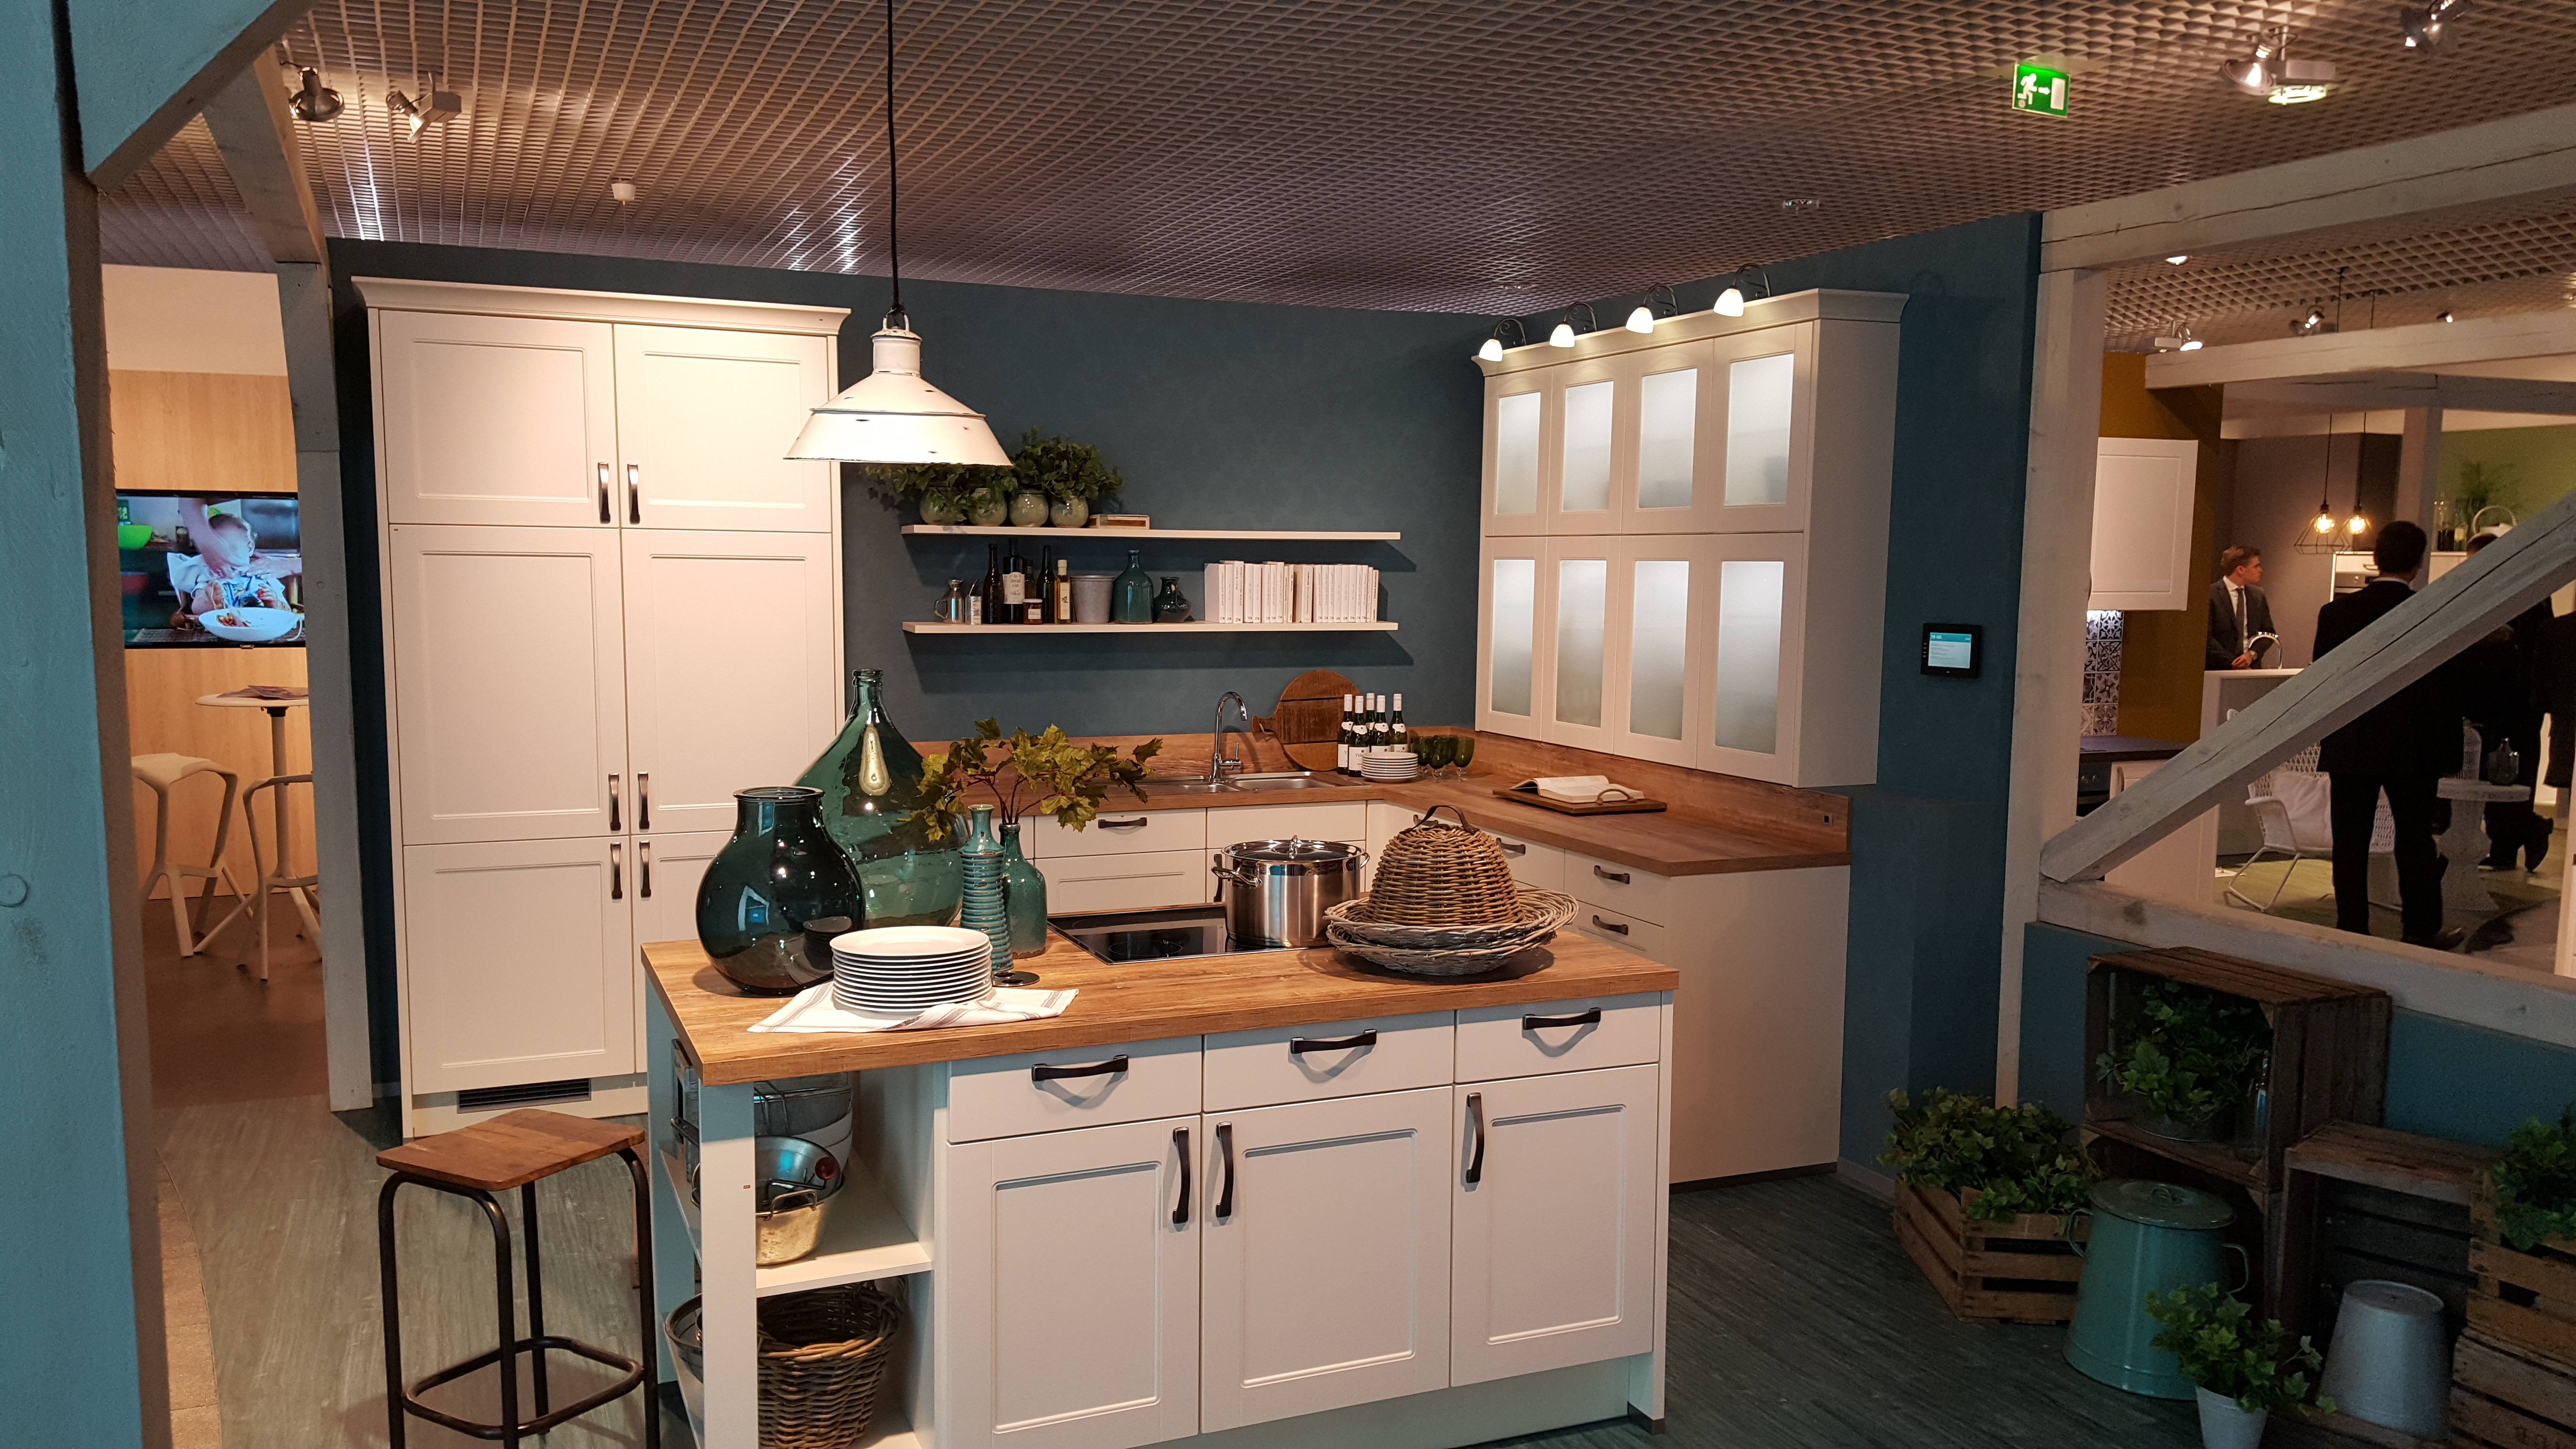 Keuken ontwerpen gratis in 3d wilka keukengroothandel for 3d keuken tekenprogramma